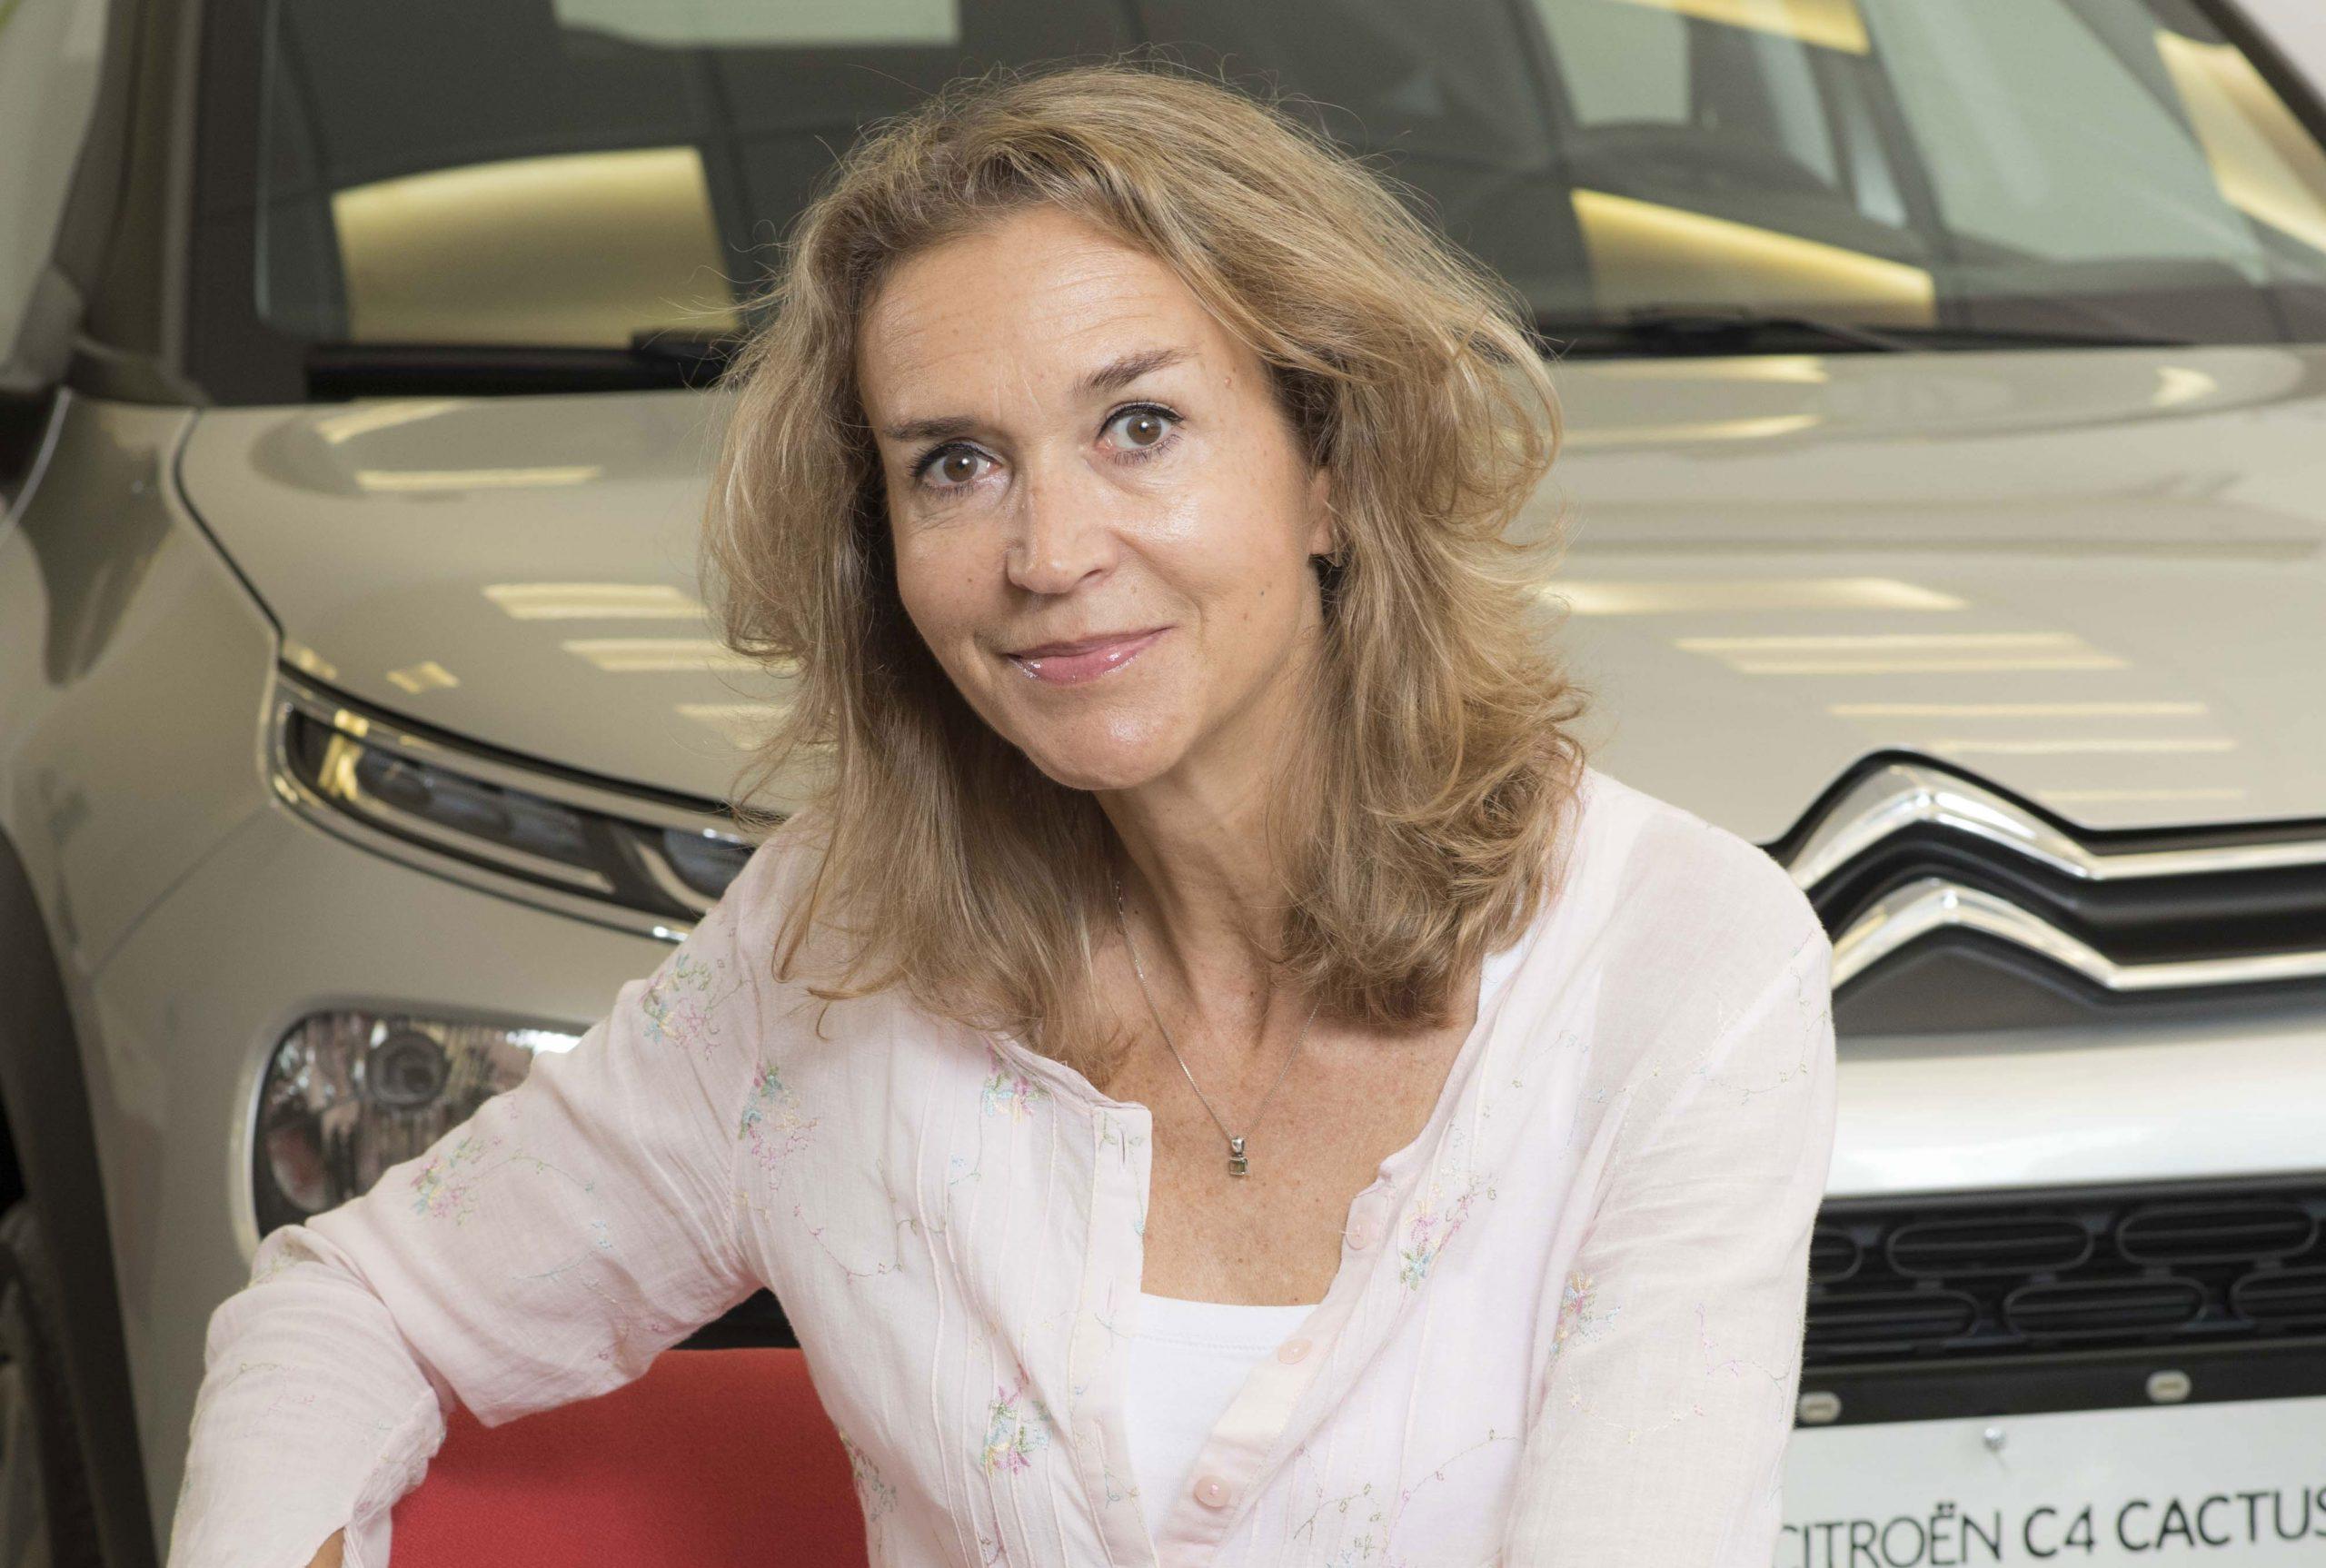 Nueva funcionaria en Citroën Argentina